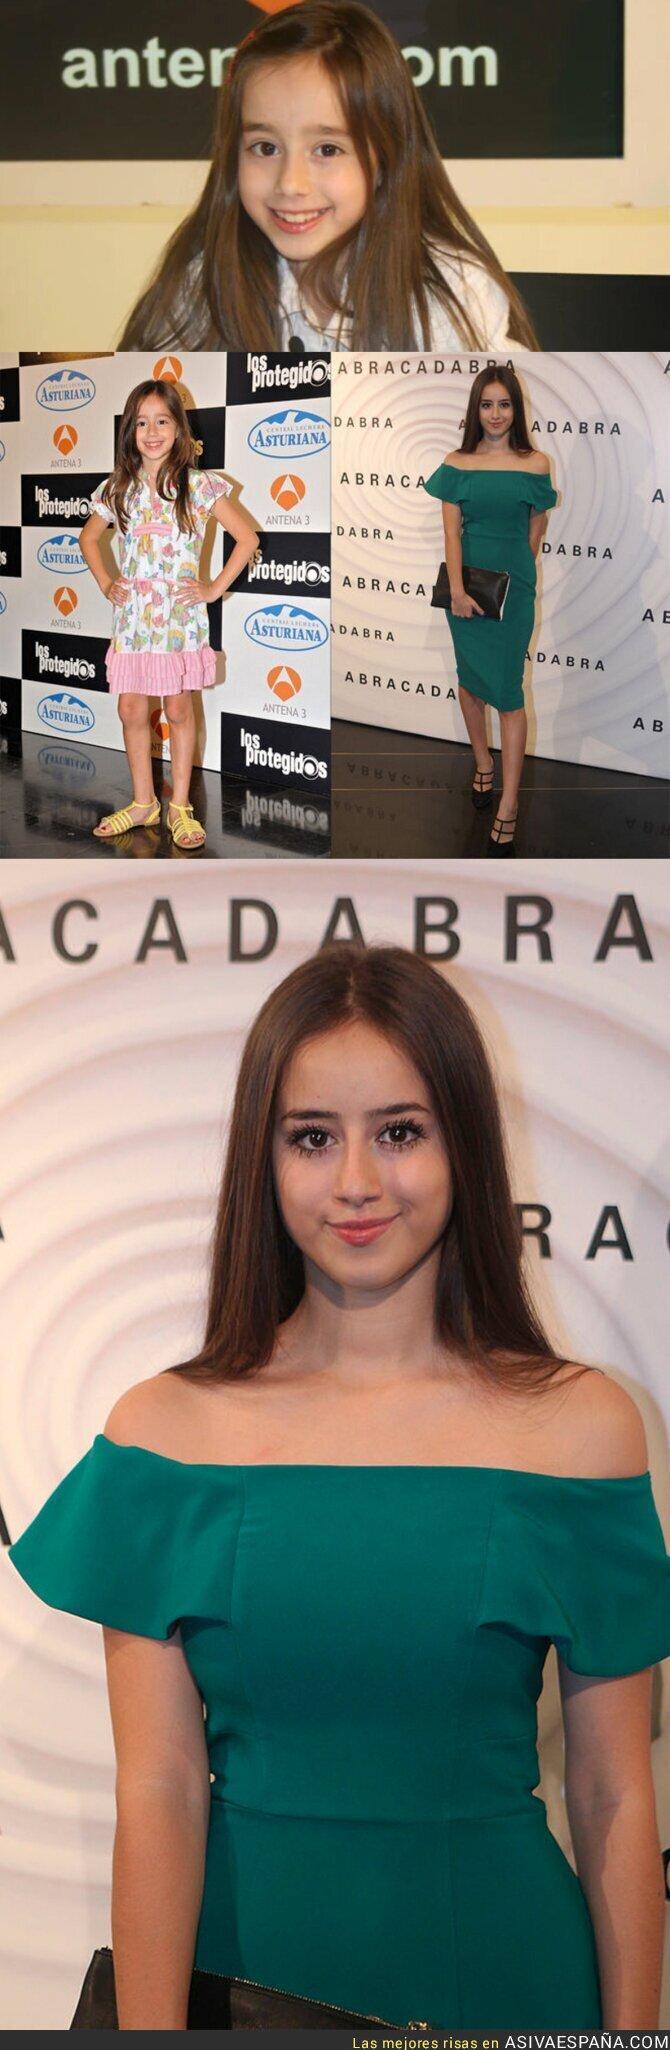 72223 - El increíble cambio físico de Priscila Delgado, la niña que salía en 'Los Protegidos'